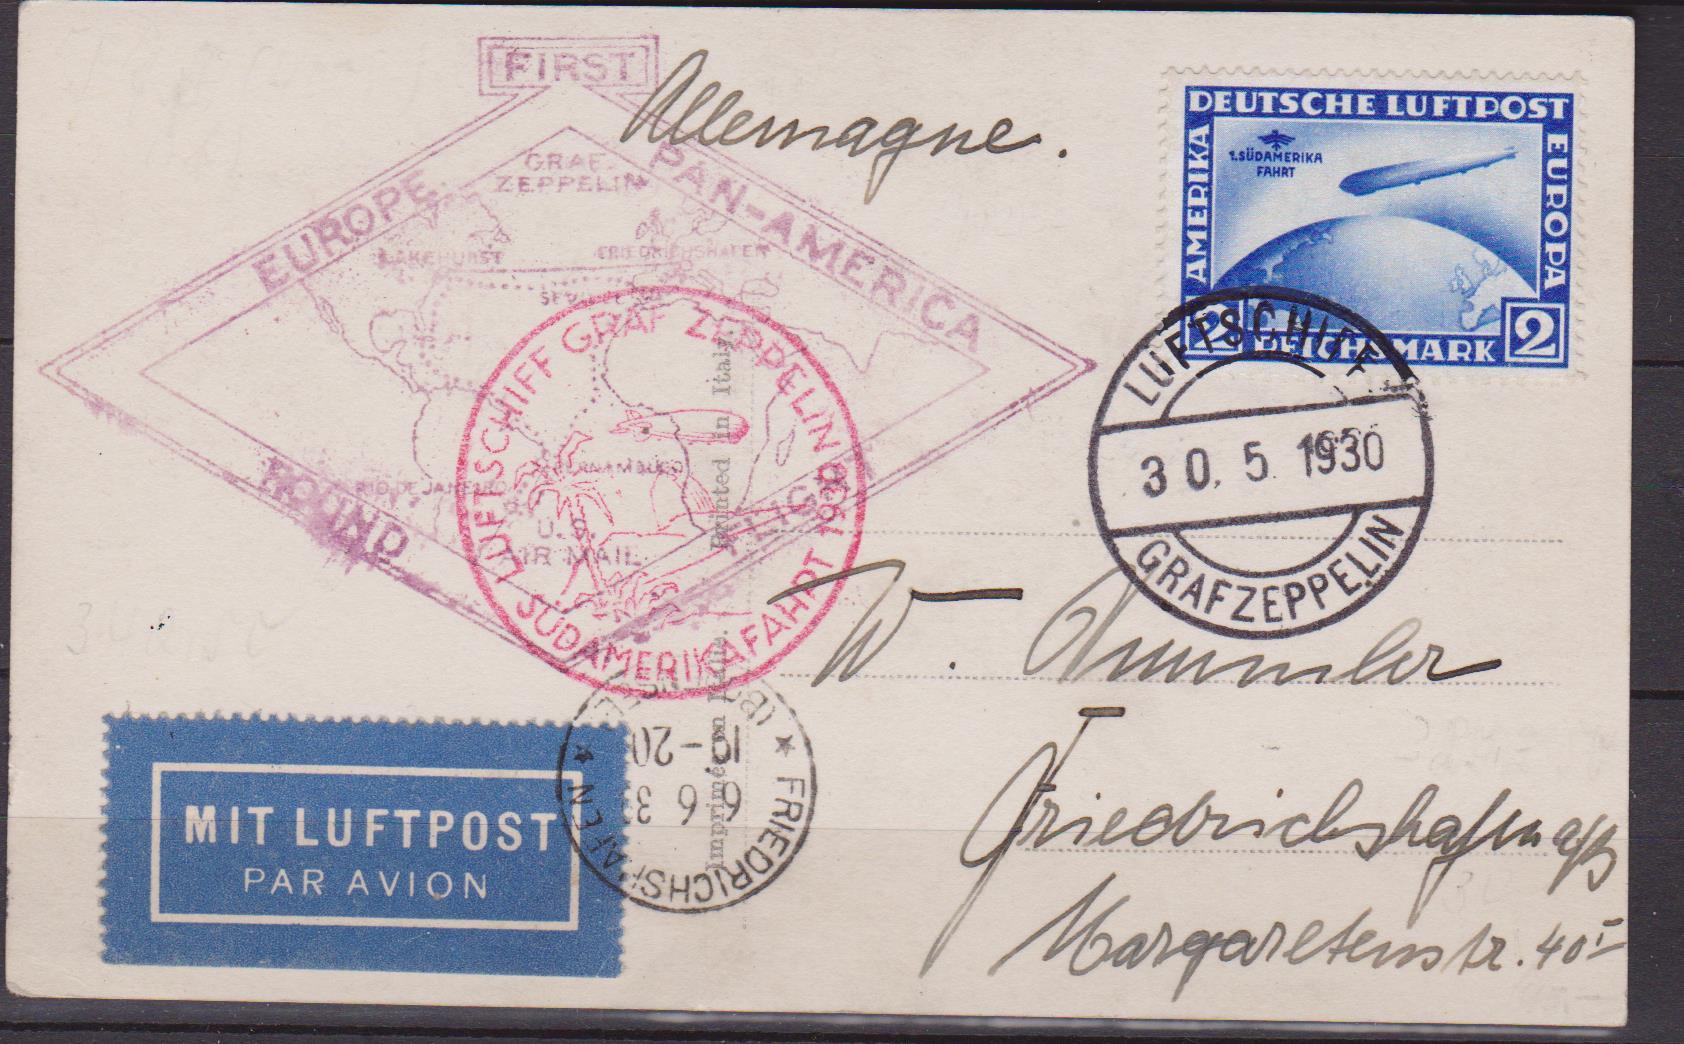 lettere-posta-aerea-004